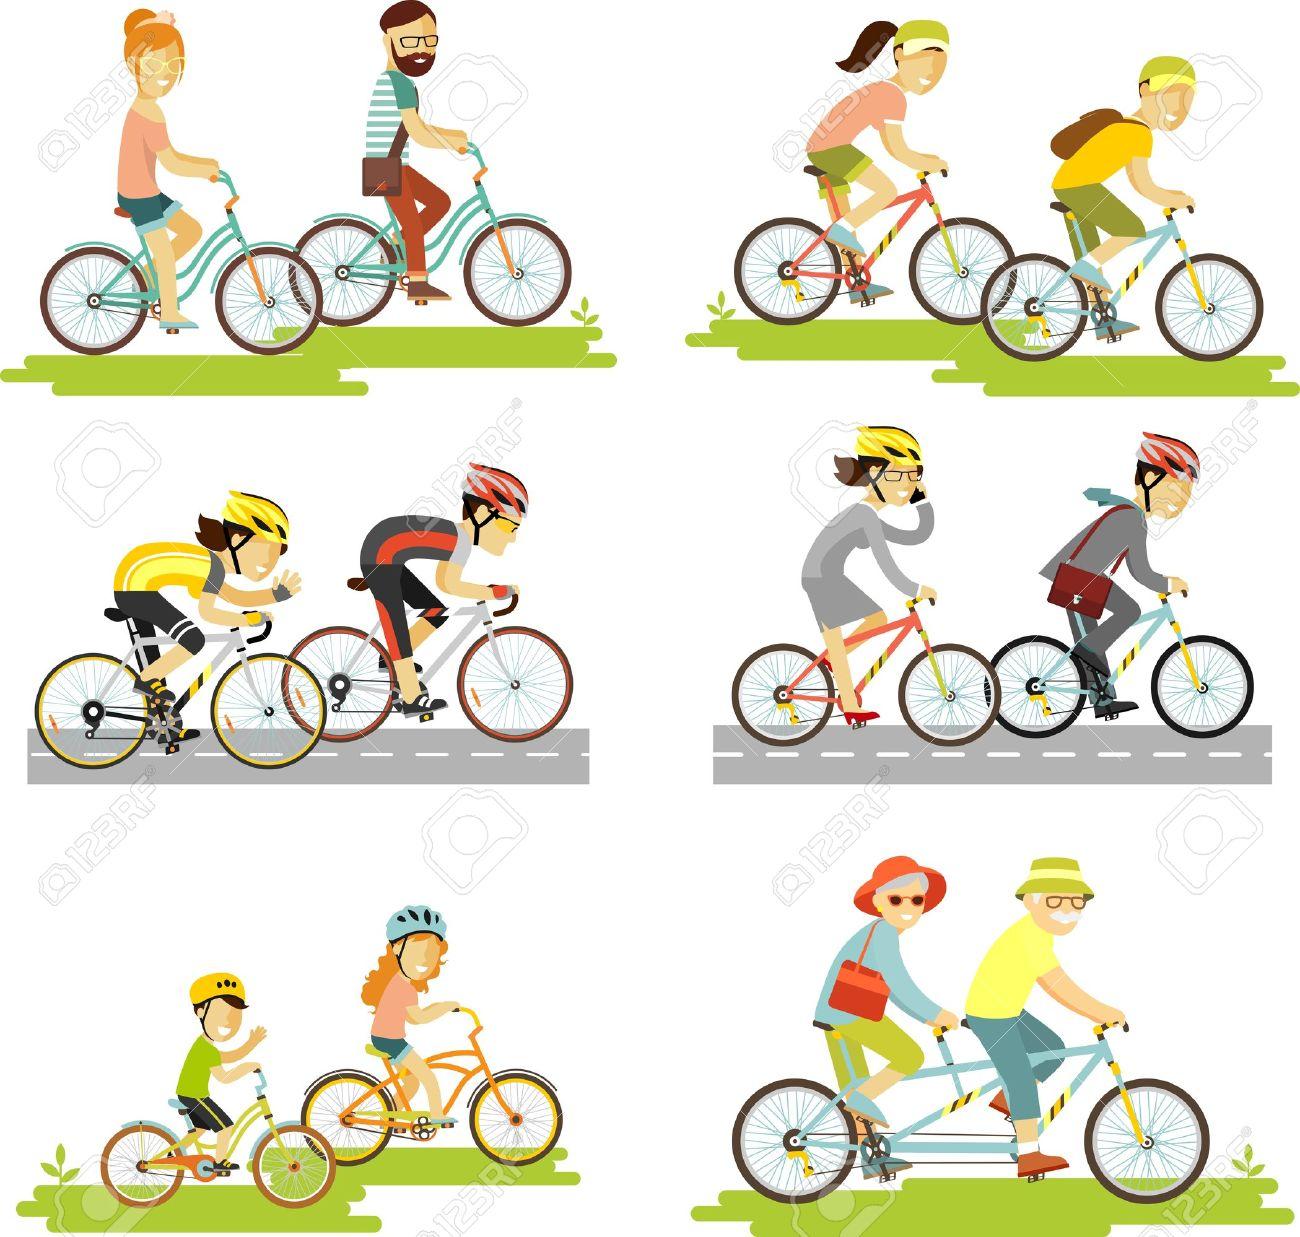 Uomo Cyclist Donna Bambini Pantaloni A Vita Bassa Più Vecchio Ciclista In Bicicletta E In Tandem